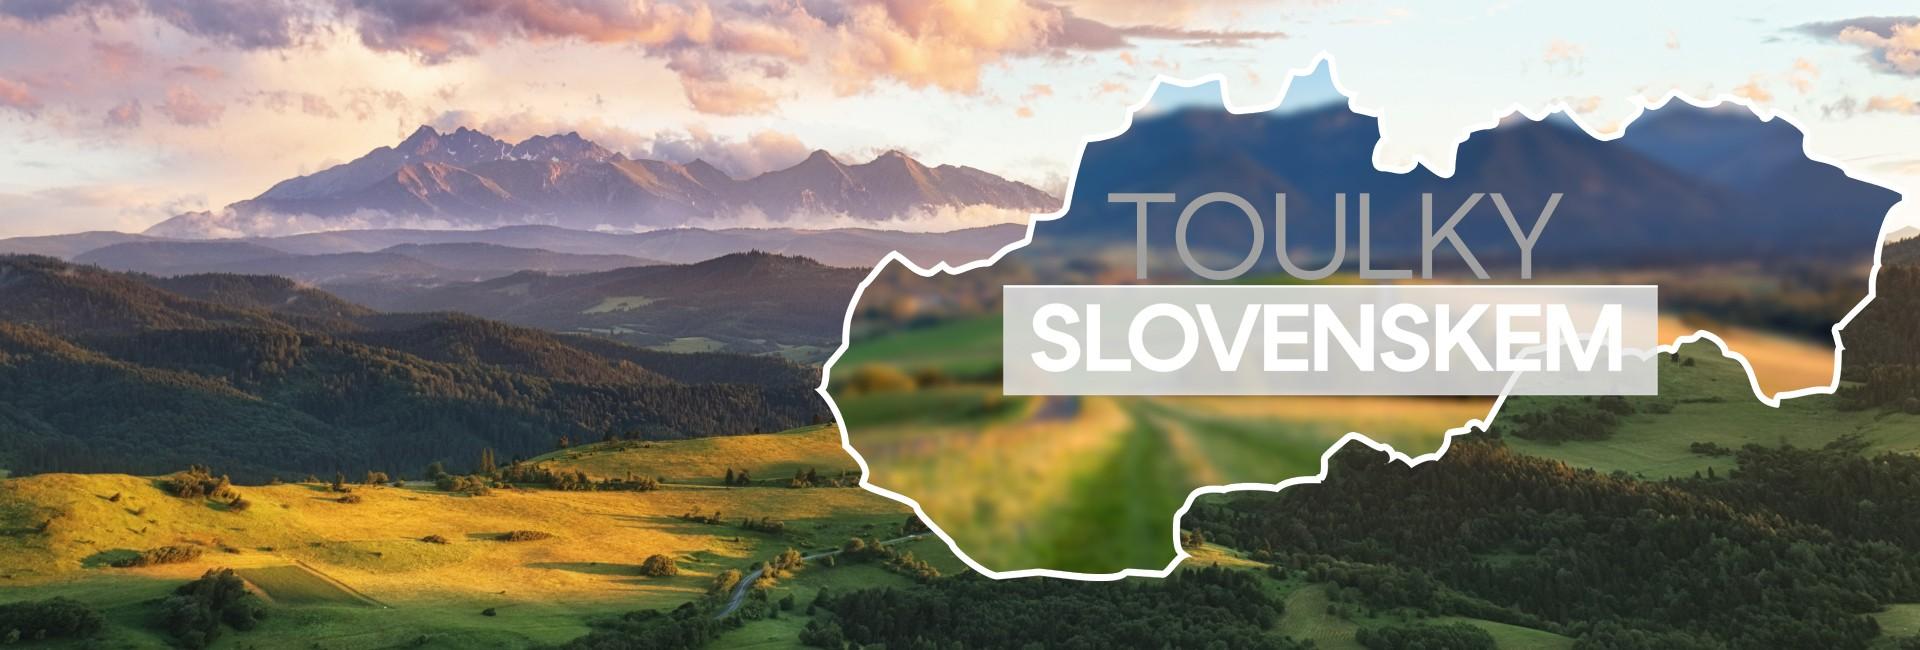 Toulky Slovenskem